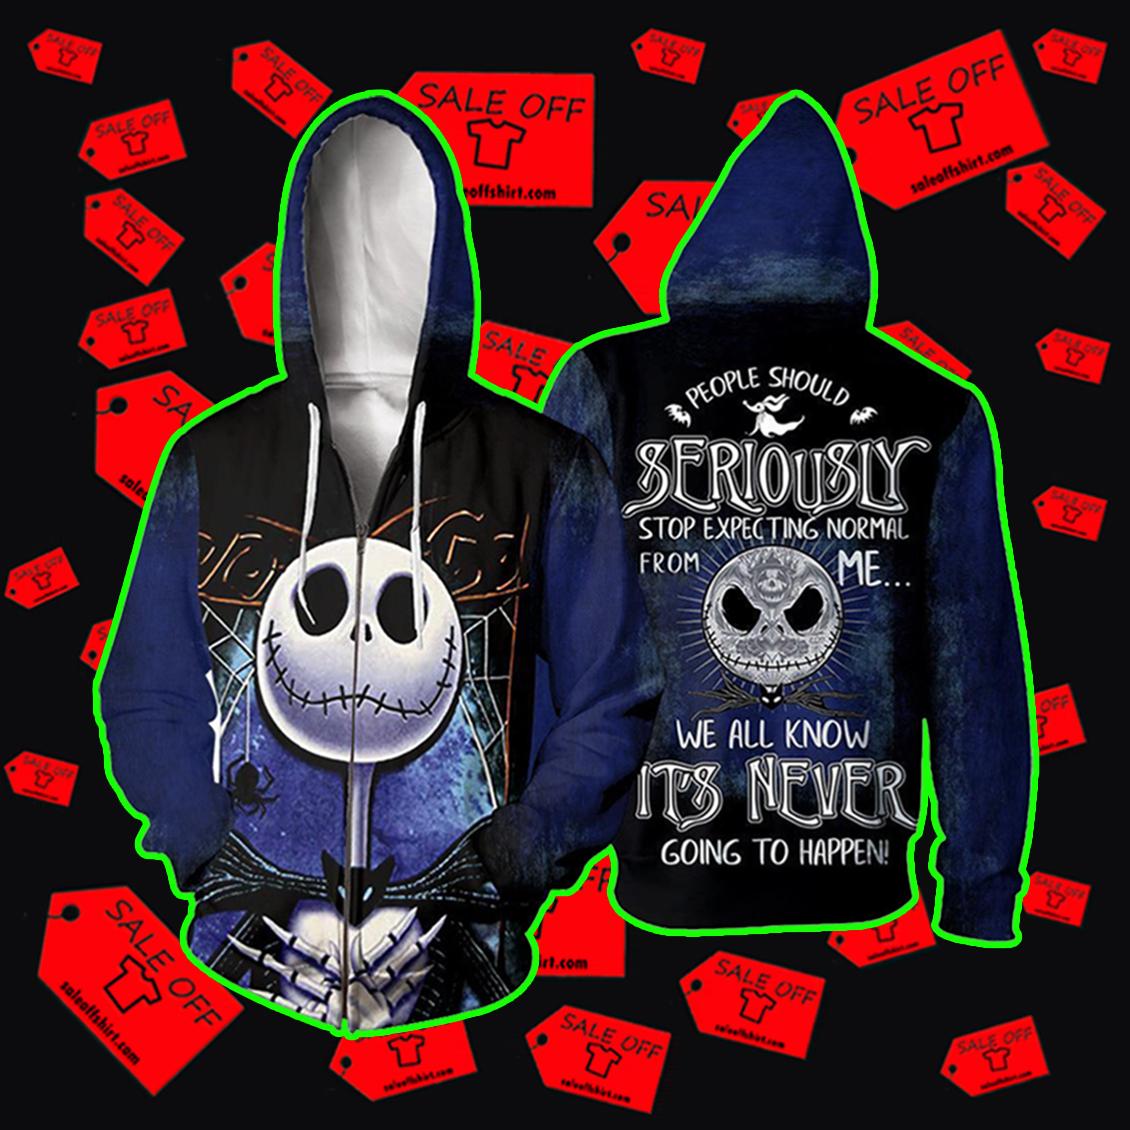 Jack Skellington People Should Seriously Hoodie 3D, T-shirt 3D, Sweatshirt 3D - Zip hoodie 3D